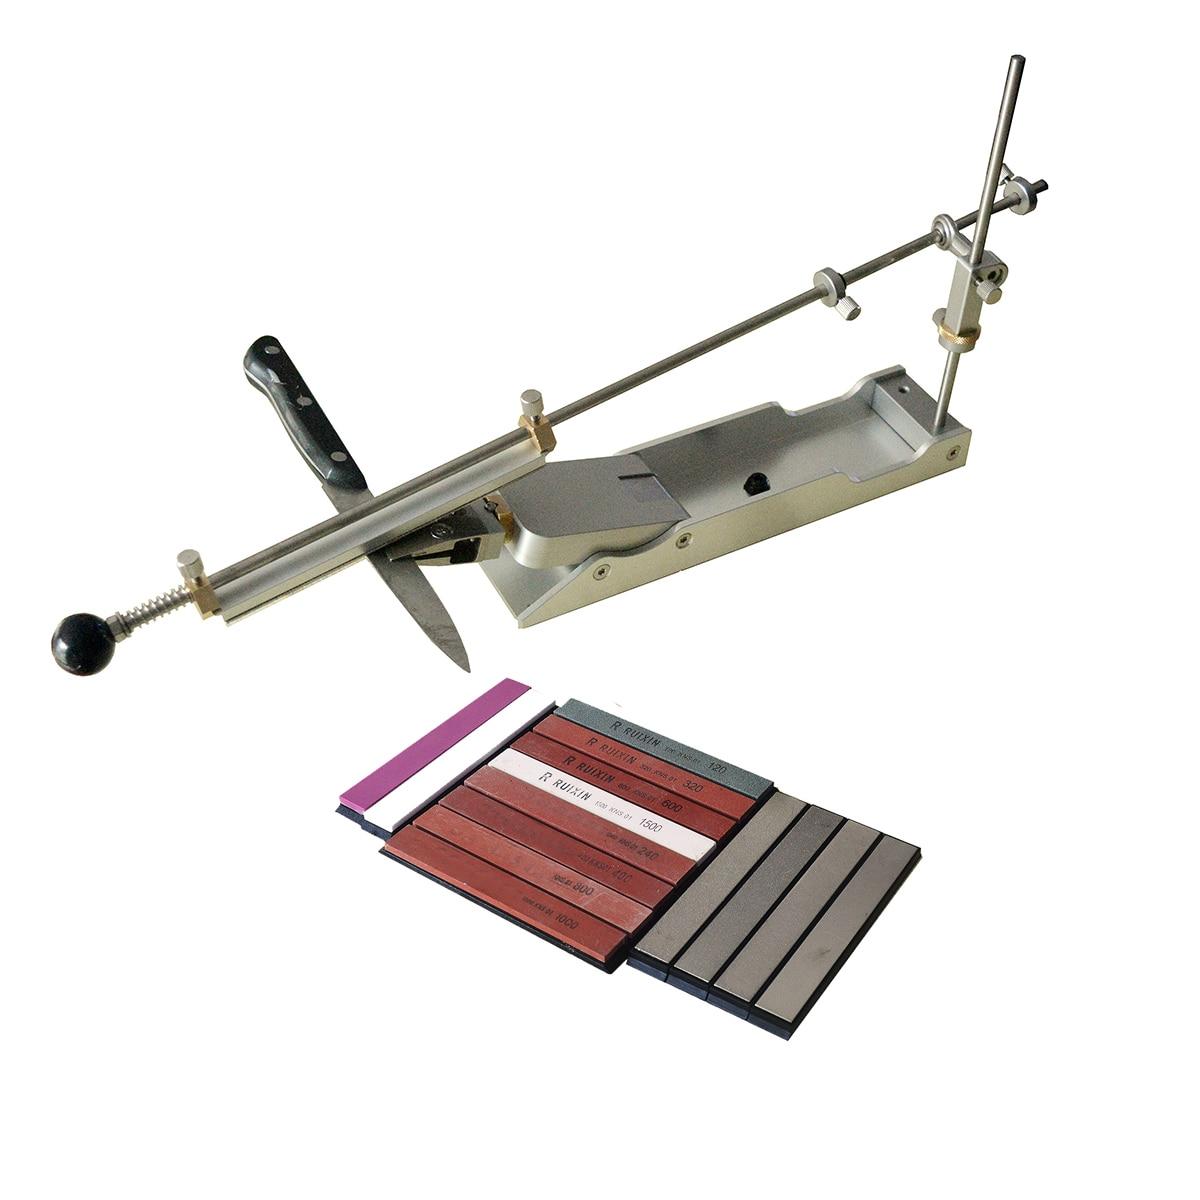 Pequeno ângulo Máquina de Afiação de Ferramentas Acessórios de Cozinha Faca Afiador de facas Profissional amantes dispositivo de Moagem